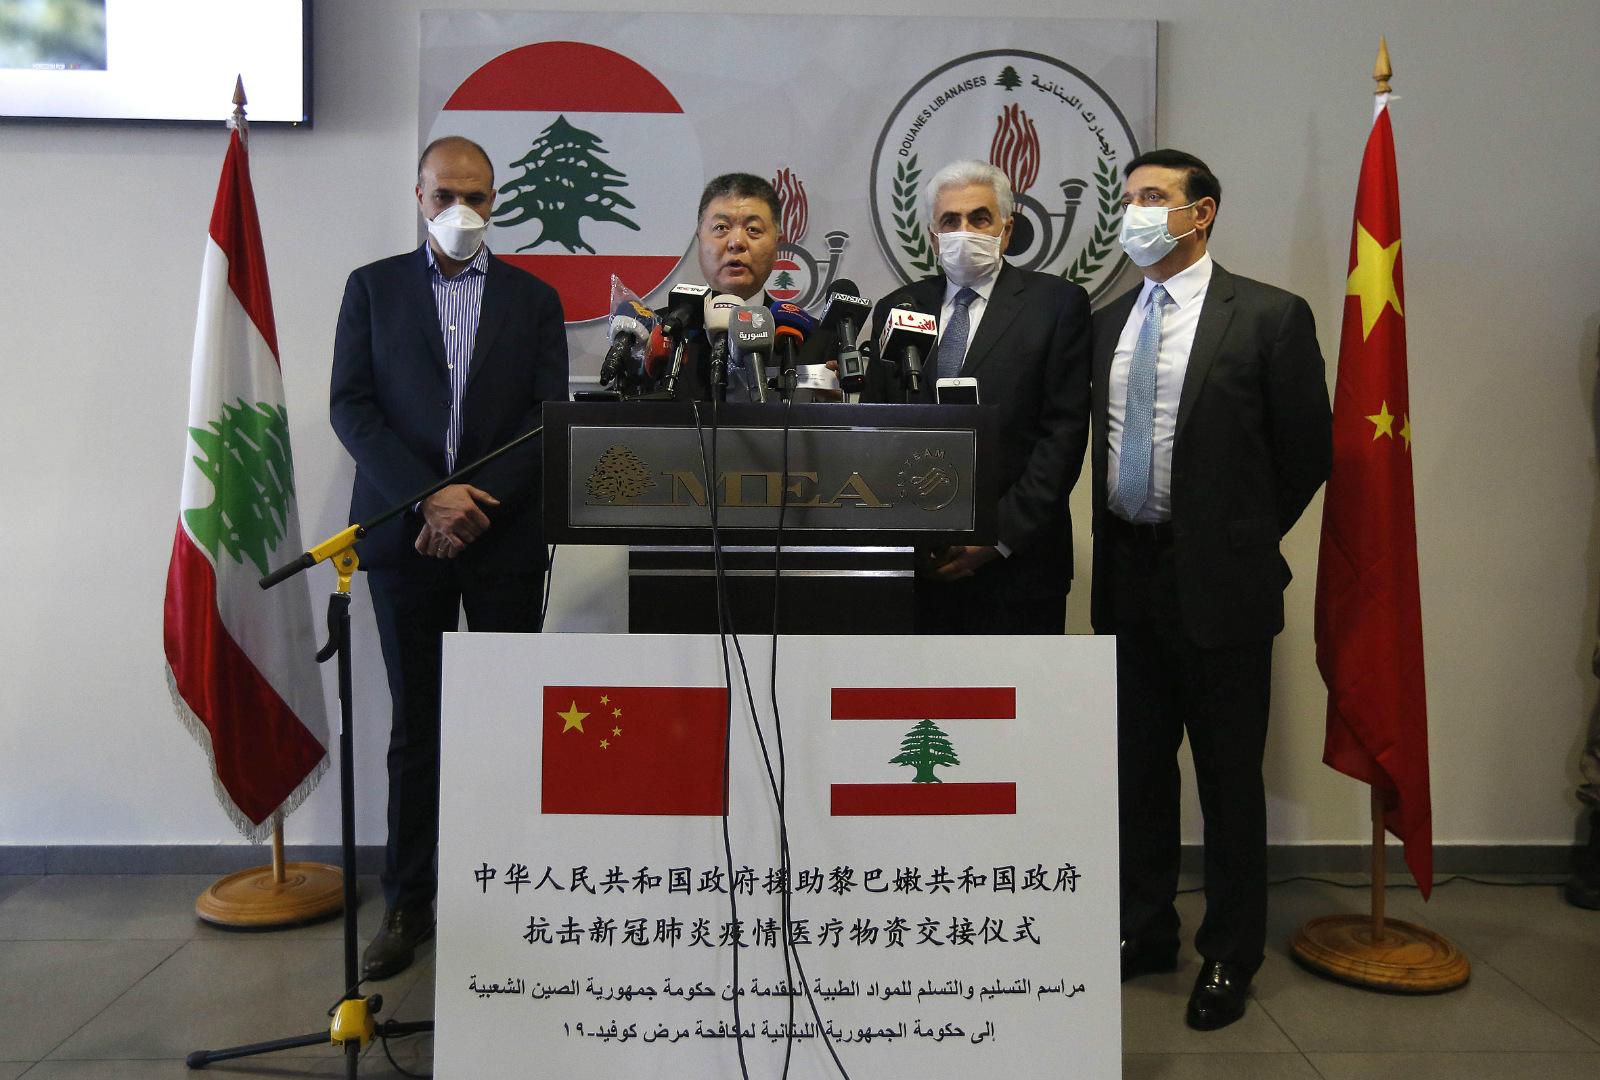 中方向黎巴嫩交付抗疫物资援助图片